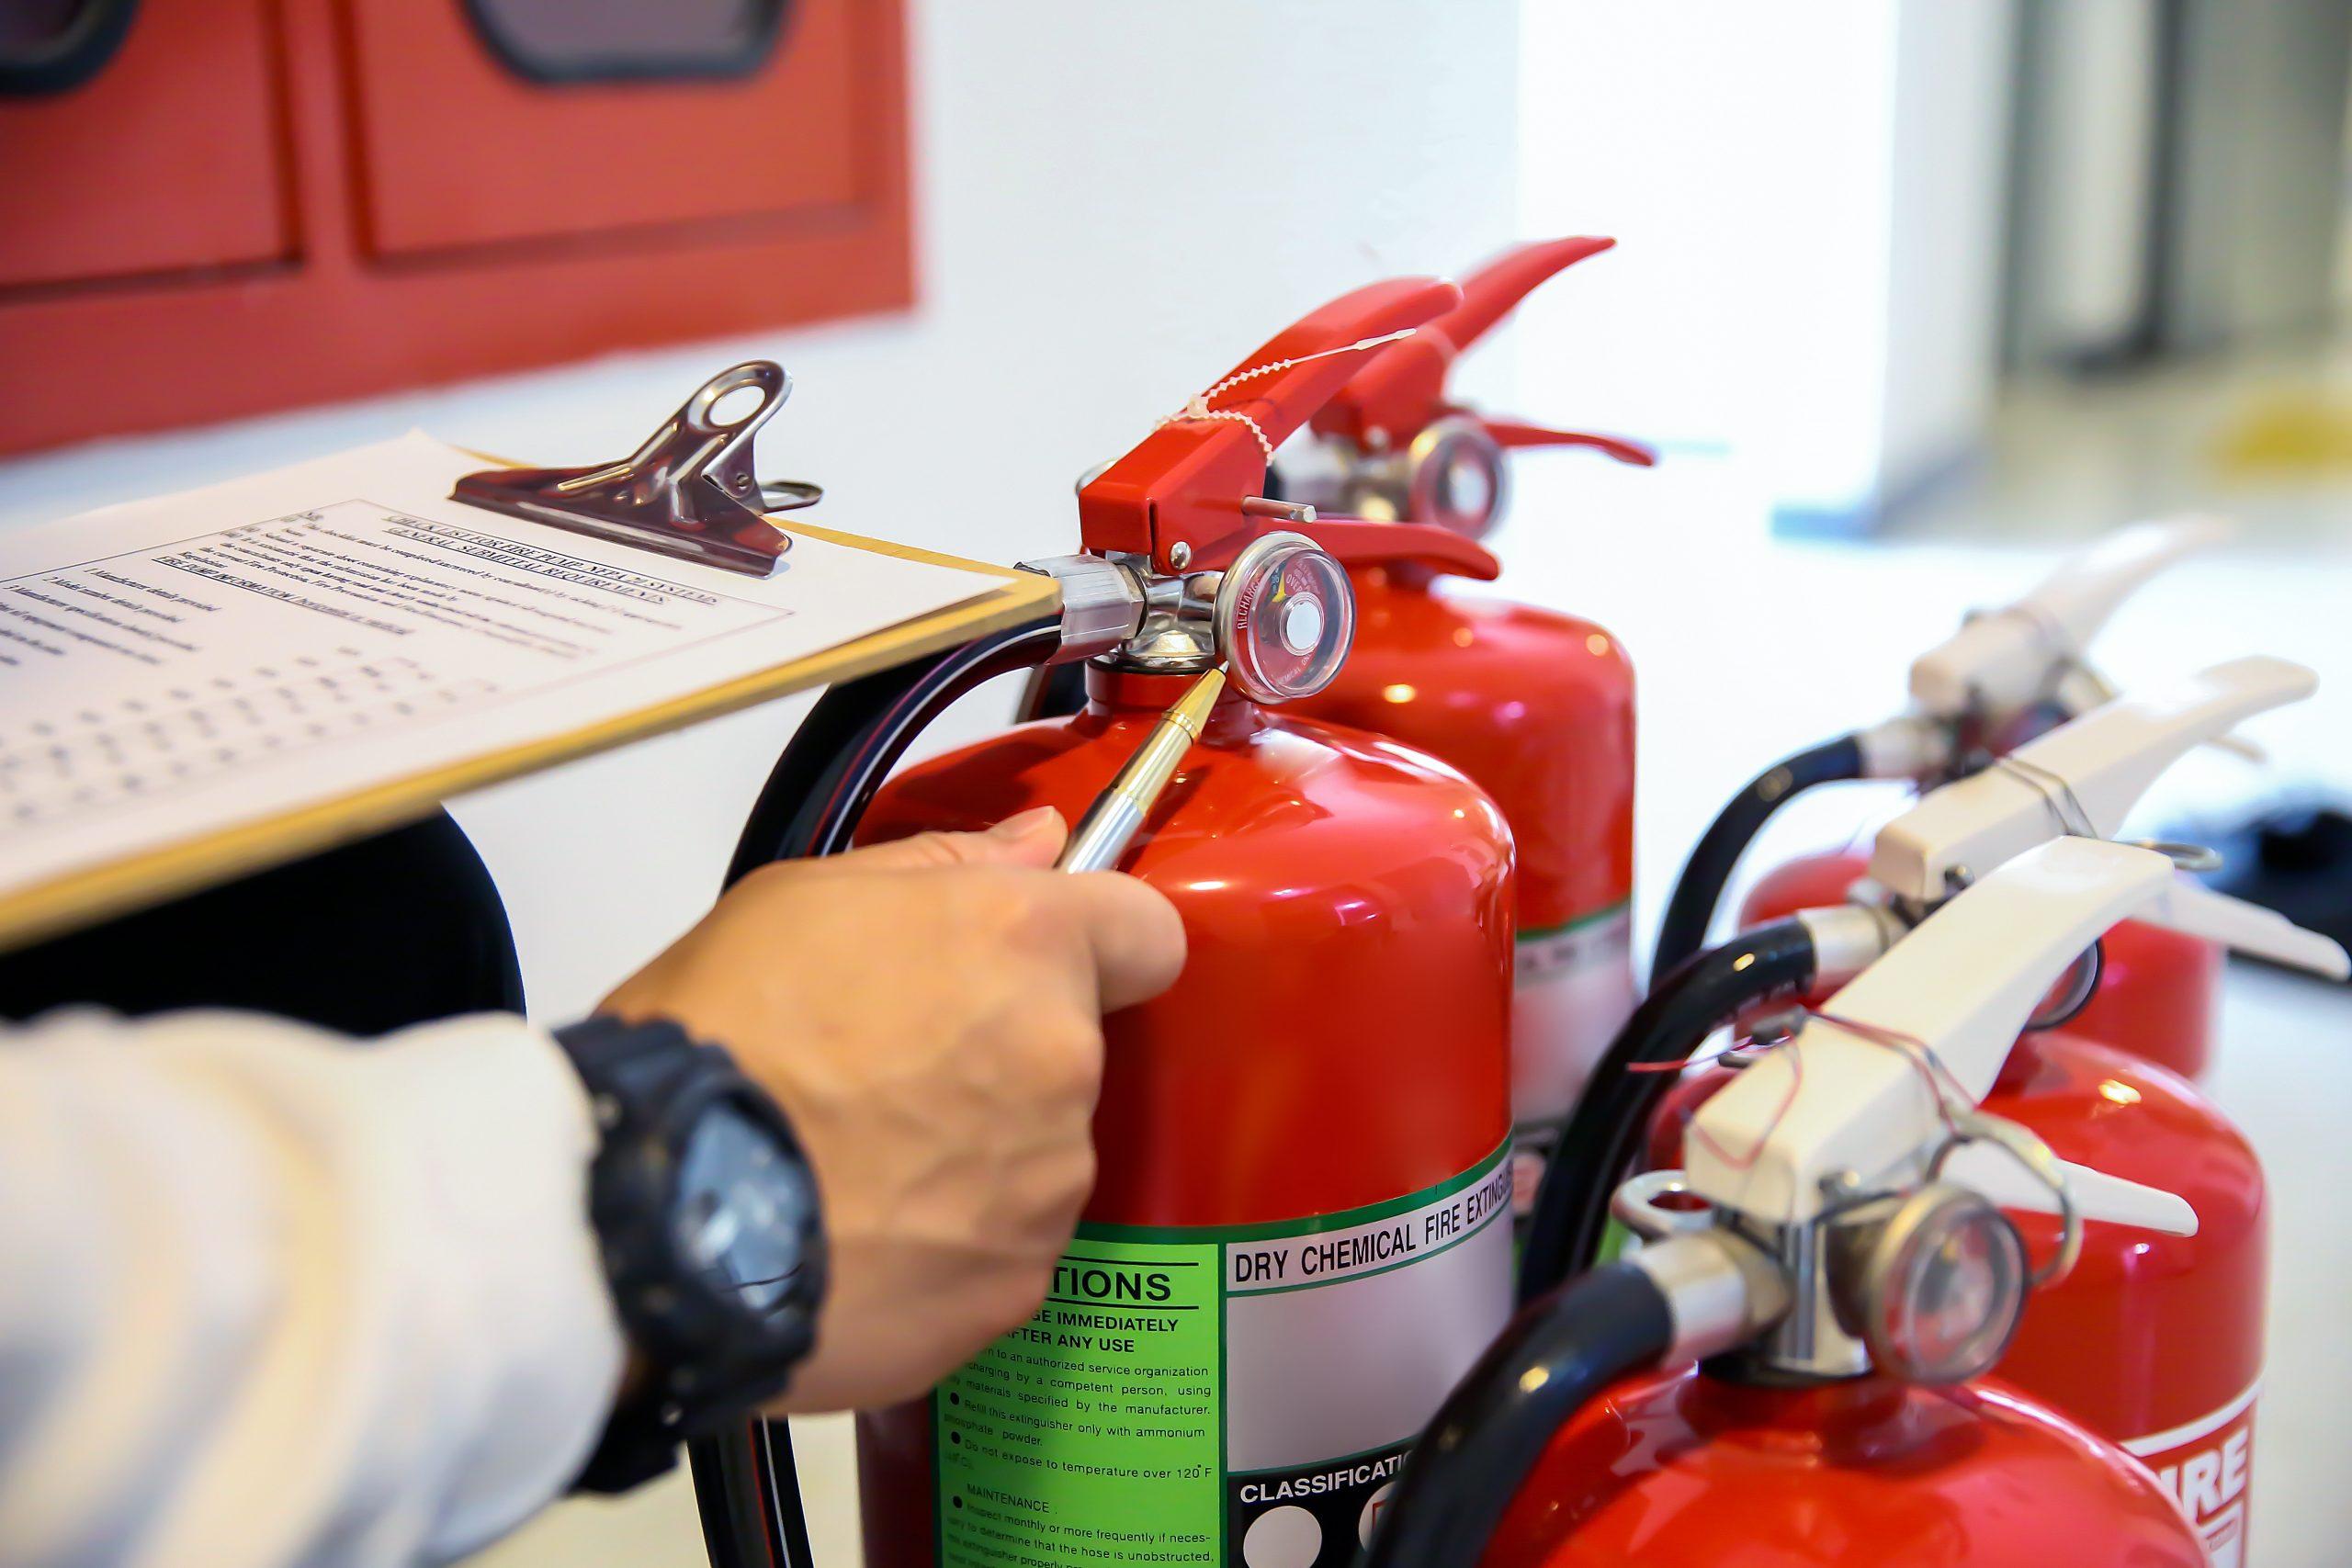 Antincendio e gestione emergenze: nuovo decreto in Gazzetta Ufficiale